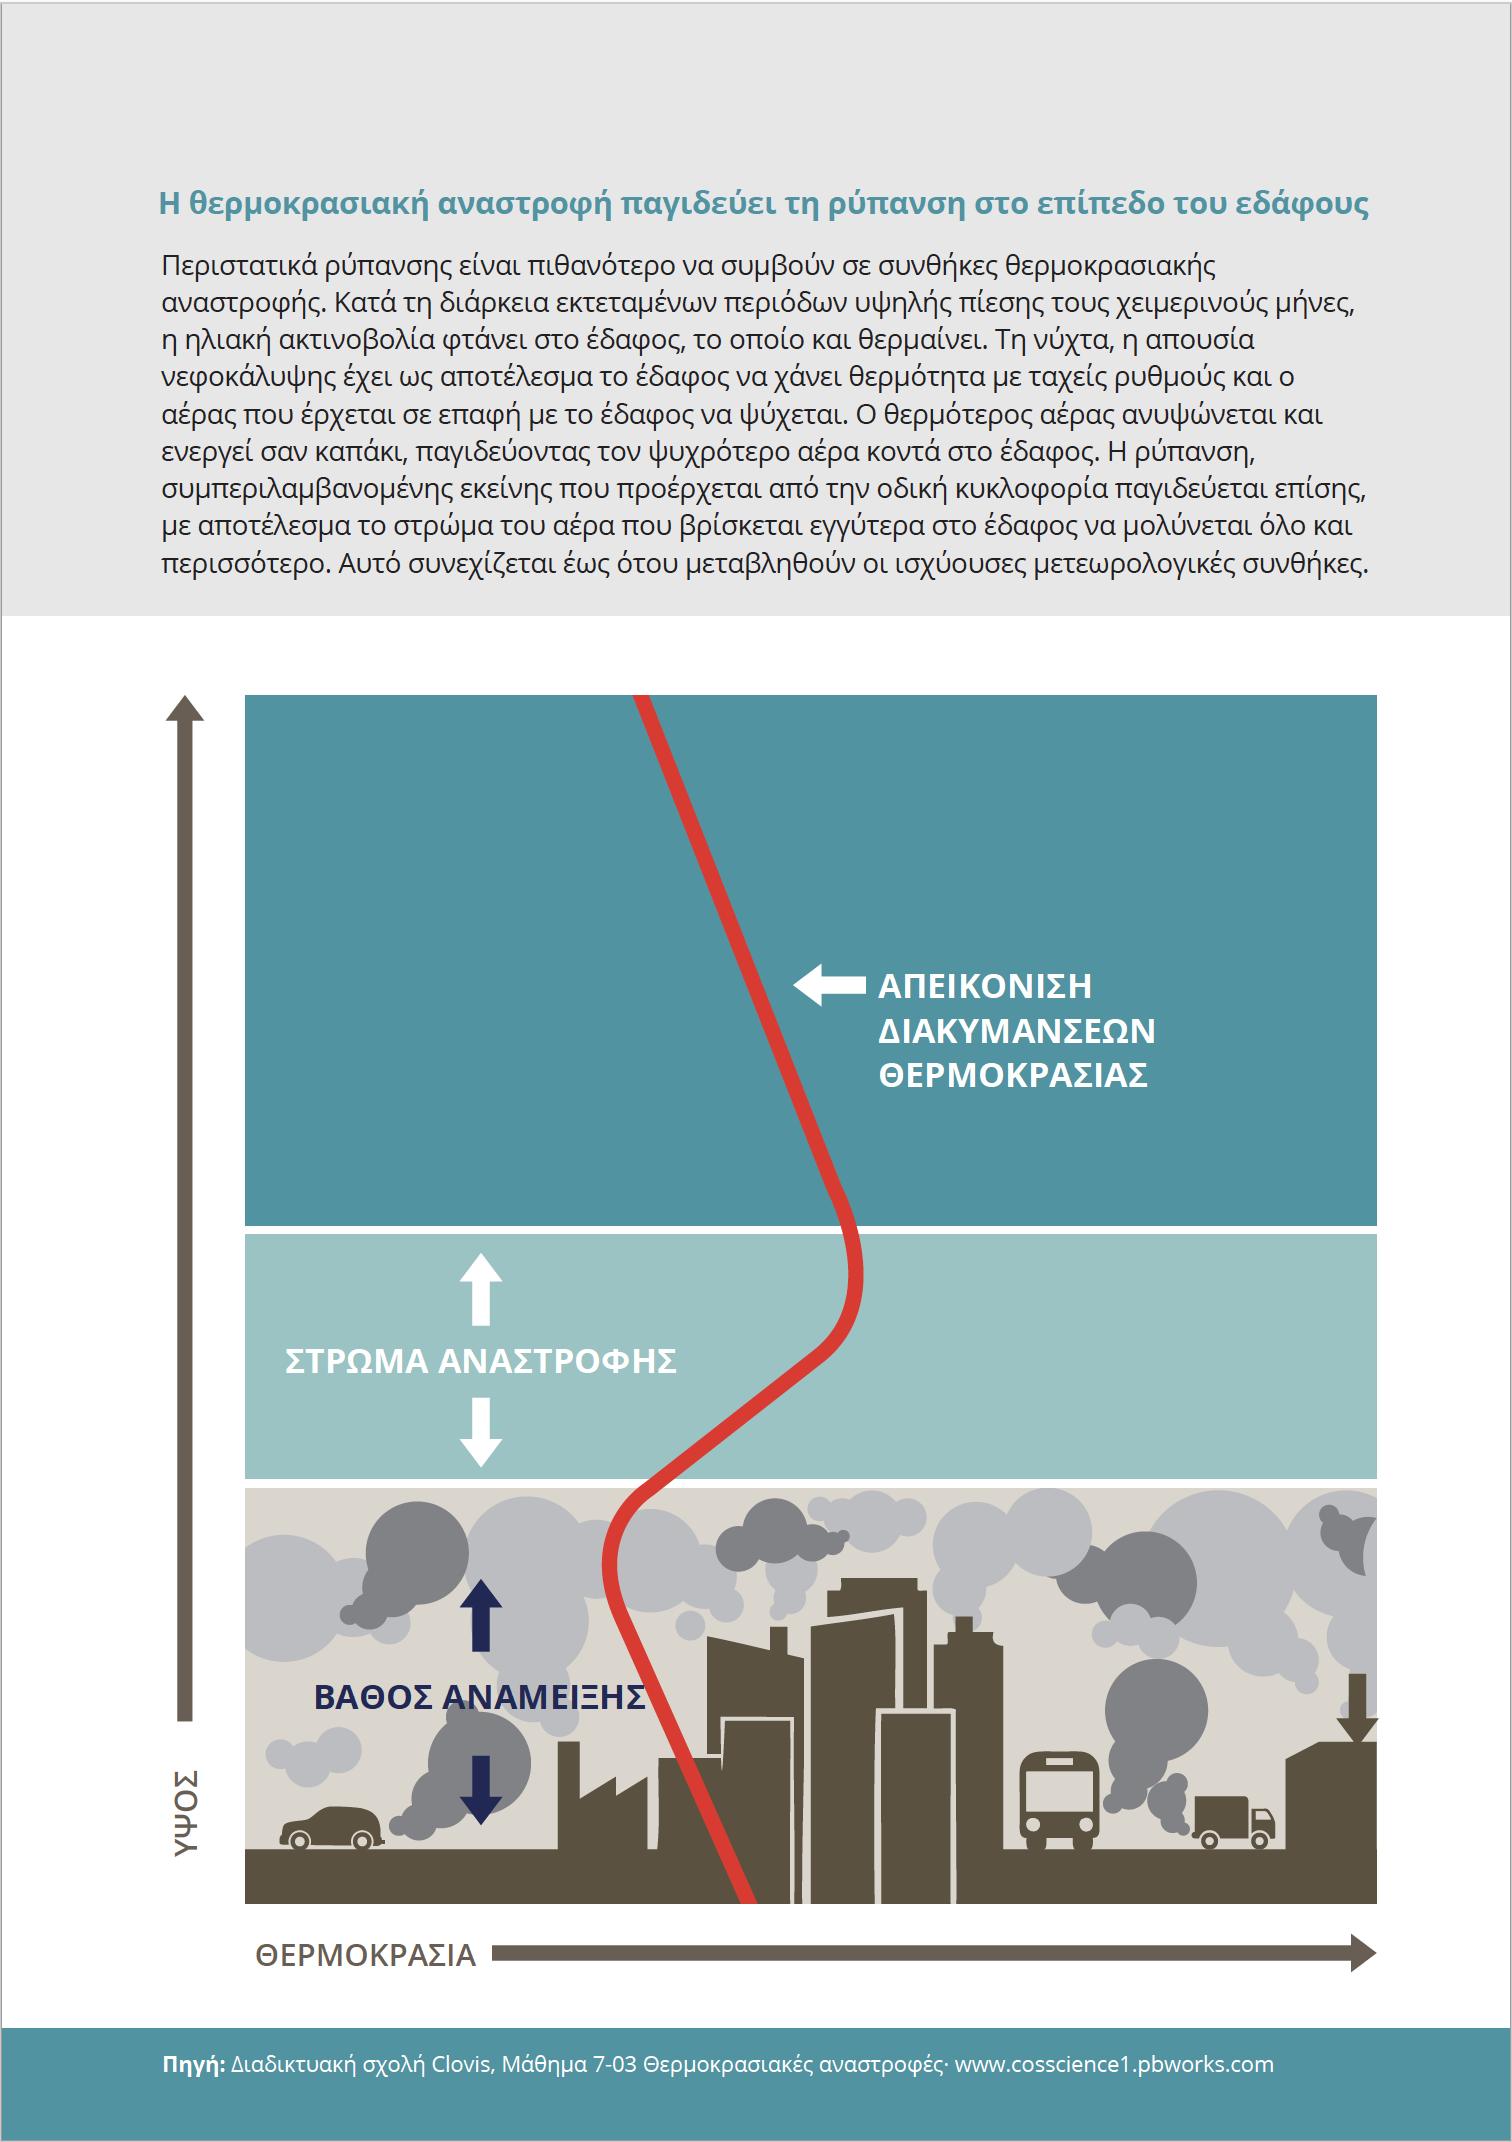 Η θερμοκρασιακή αναστροφή παγιδεύει τη ρύπανση στο επίπεδο του εδάφους